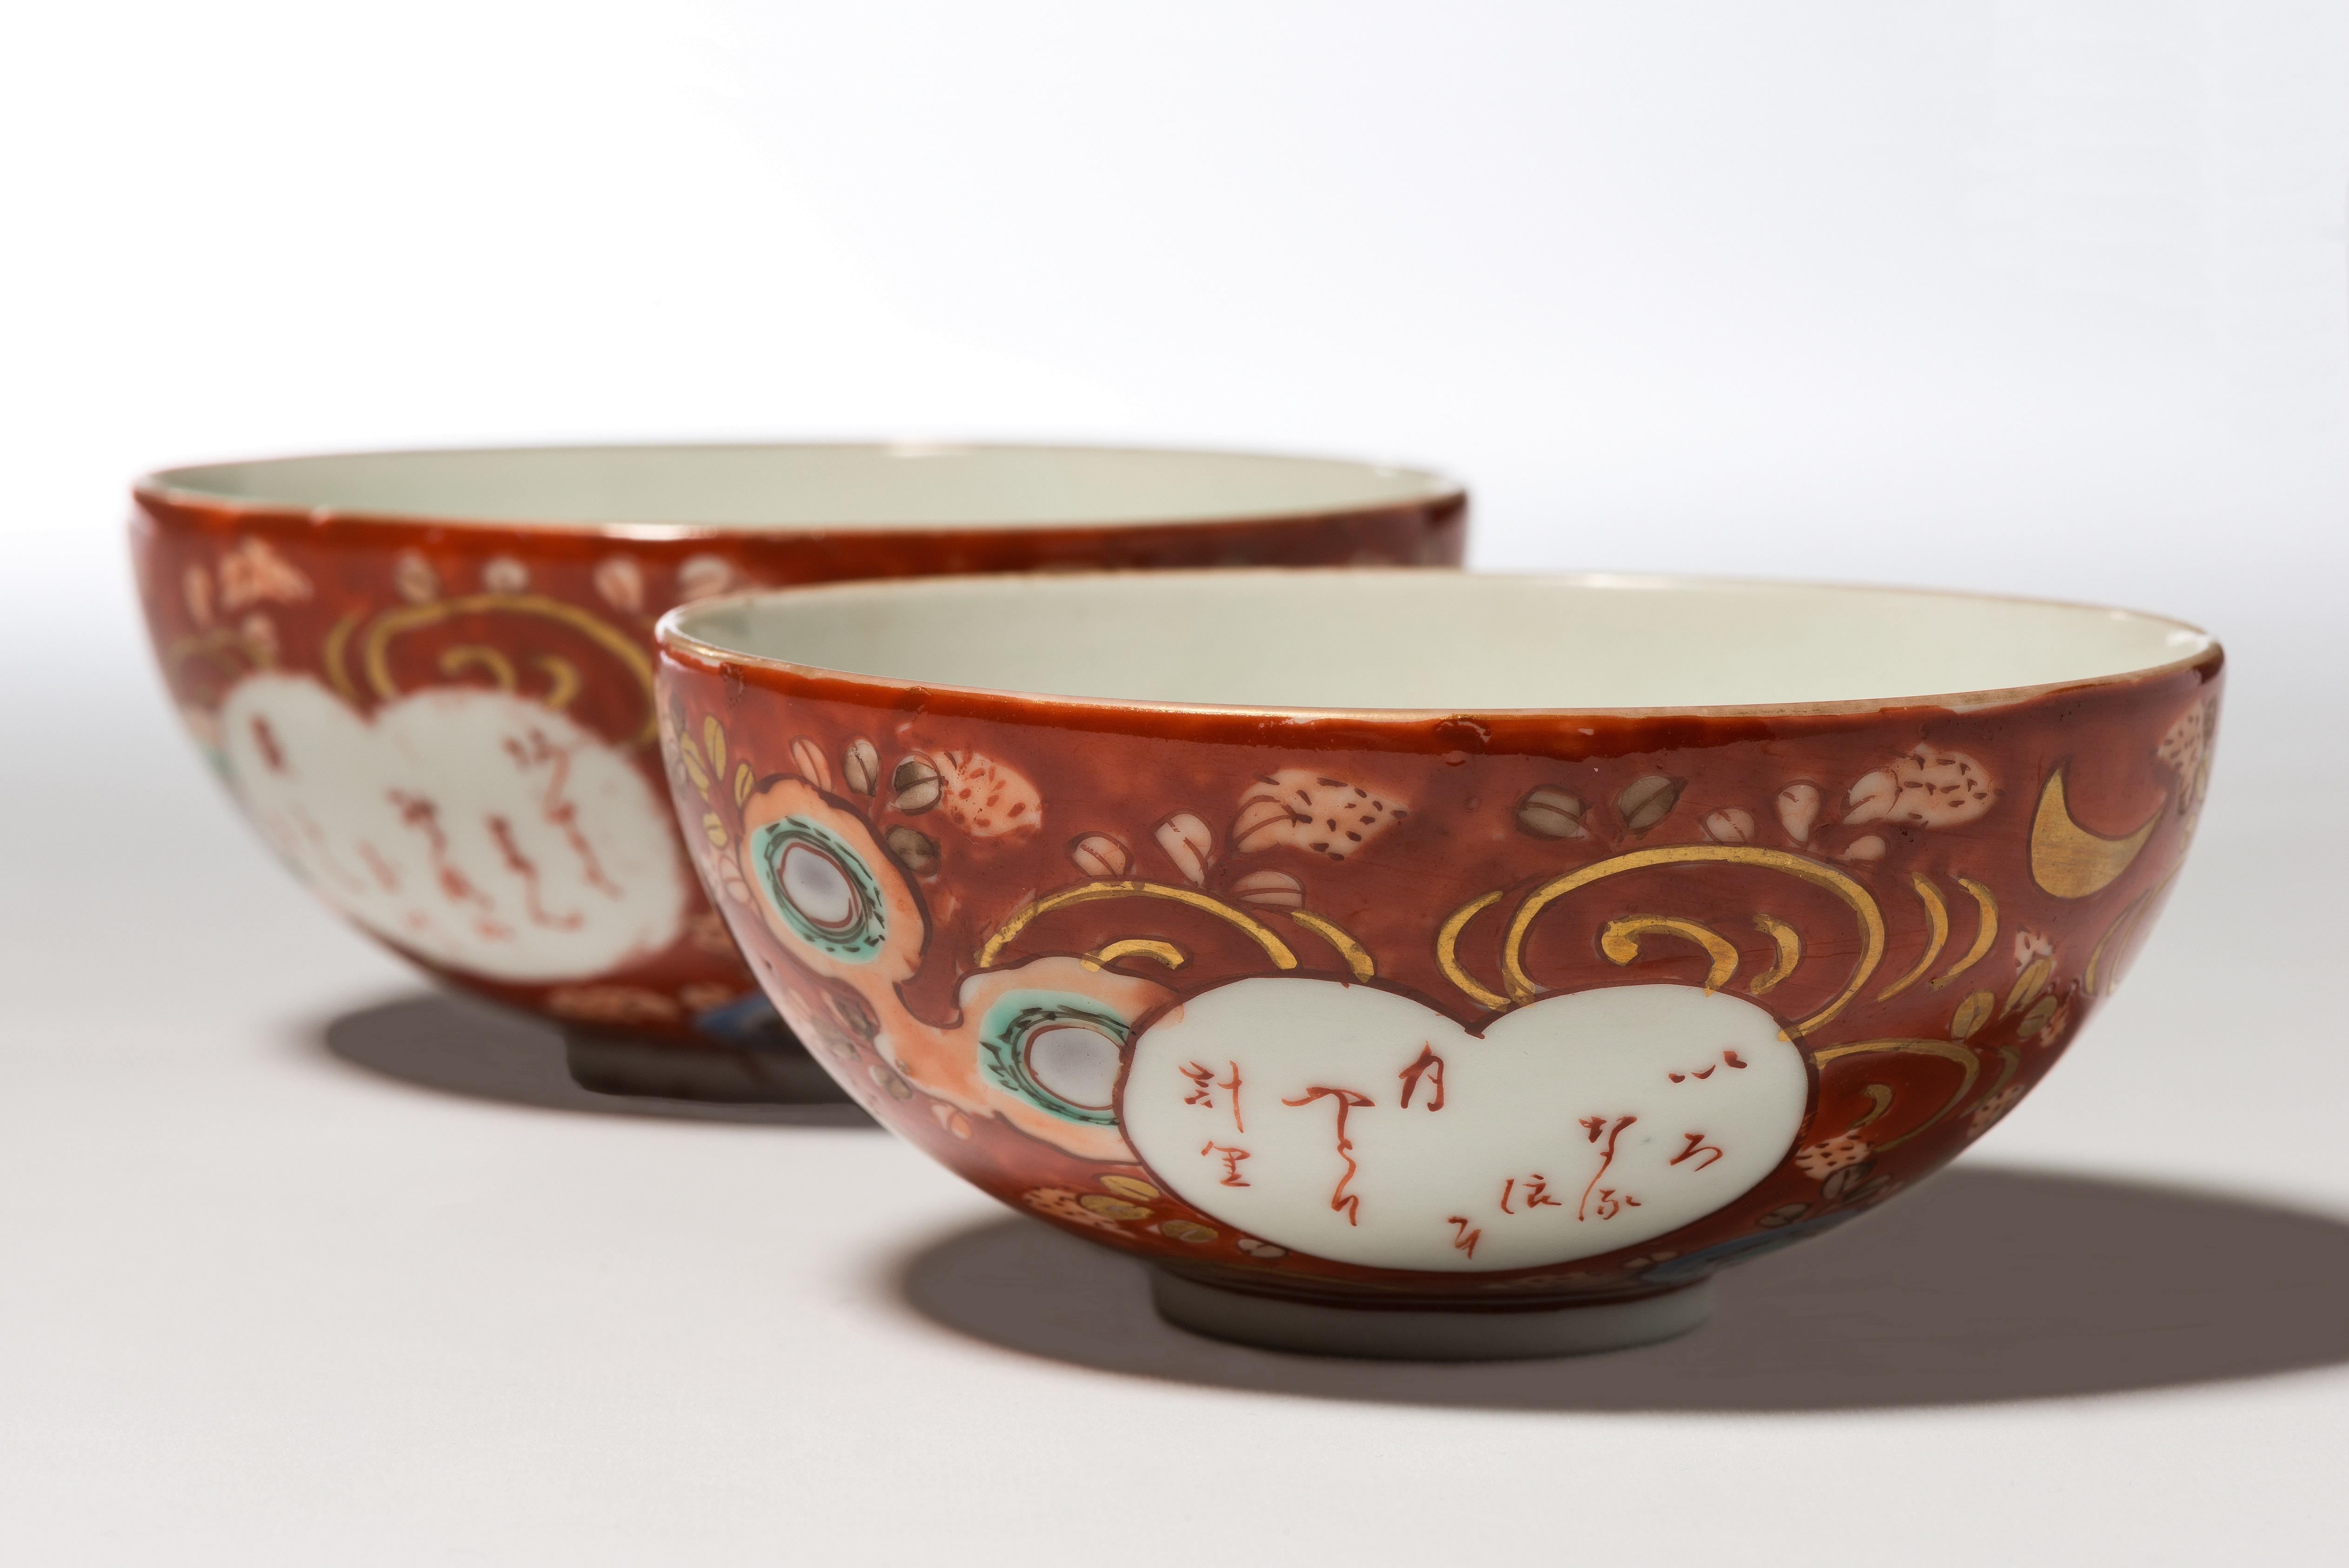 《色絵団扇和歌文碗》1780~1840年代、佐賀県立九州陶磁文化館(柴田夫妻コレクション)